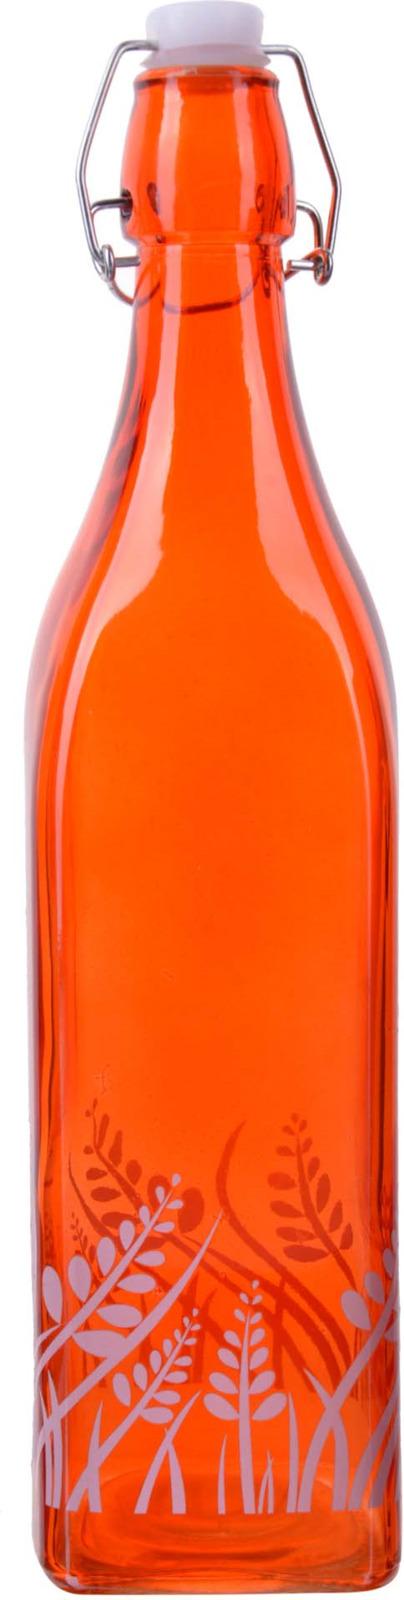 Бутылка Loraine, цвет:  оранжевый, 500 мл Loraine